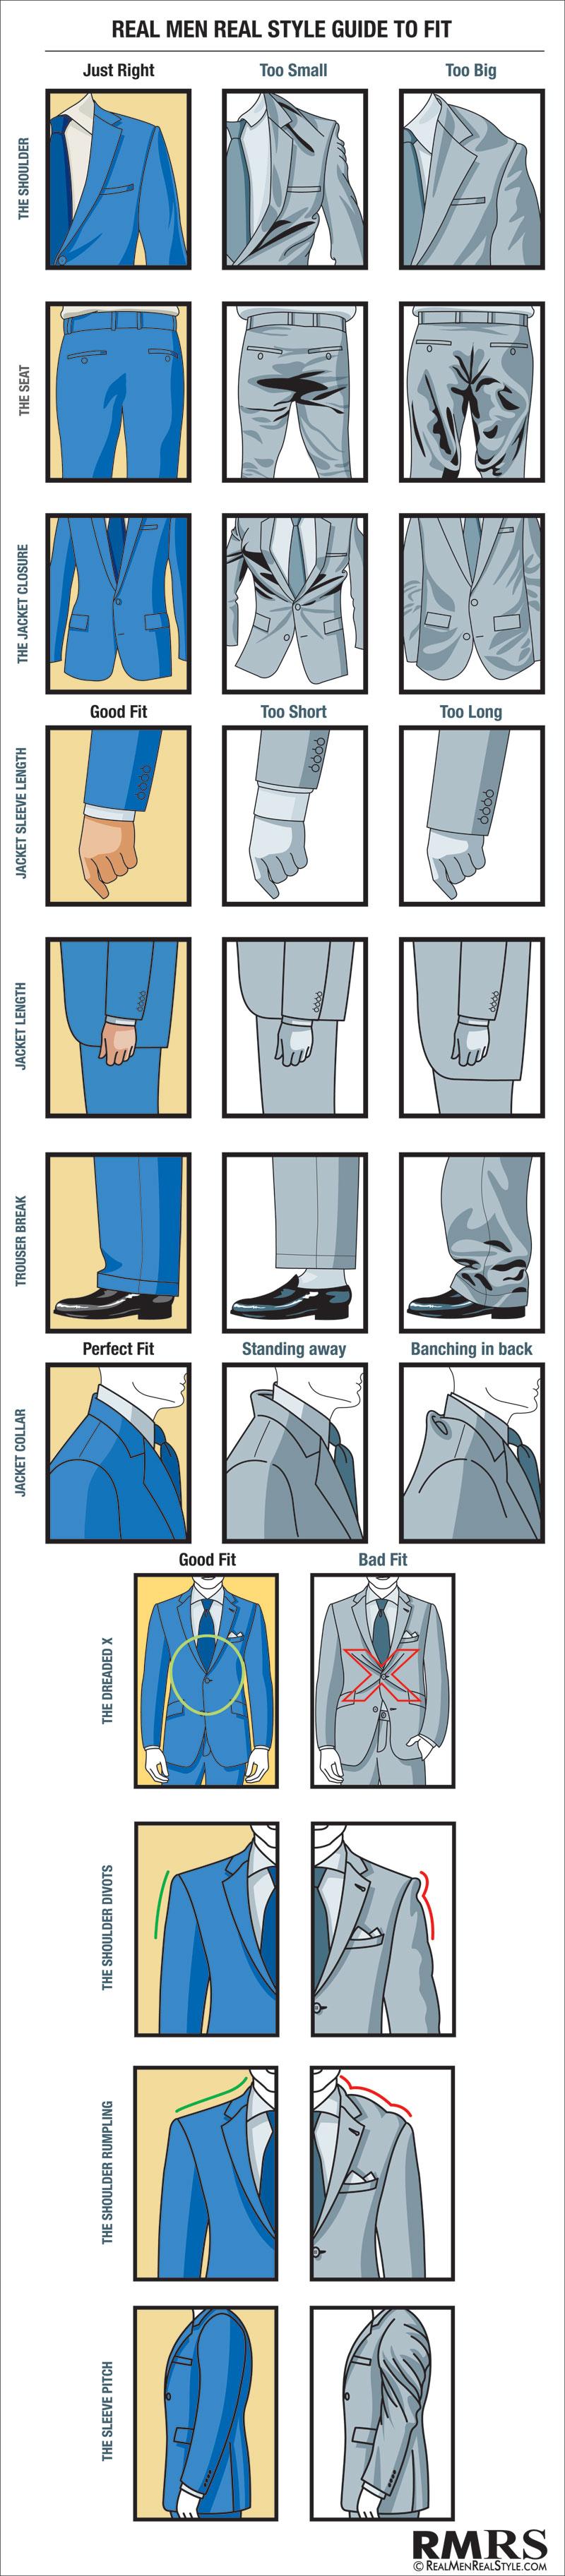 rmrs suit fit